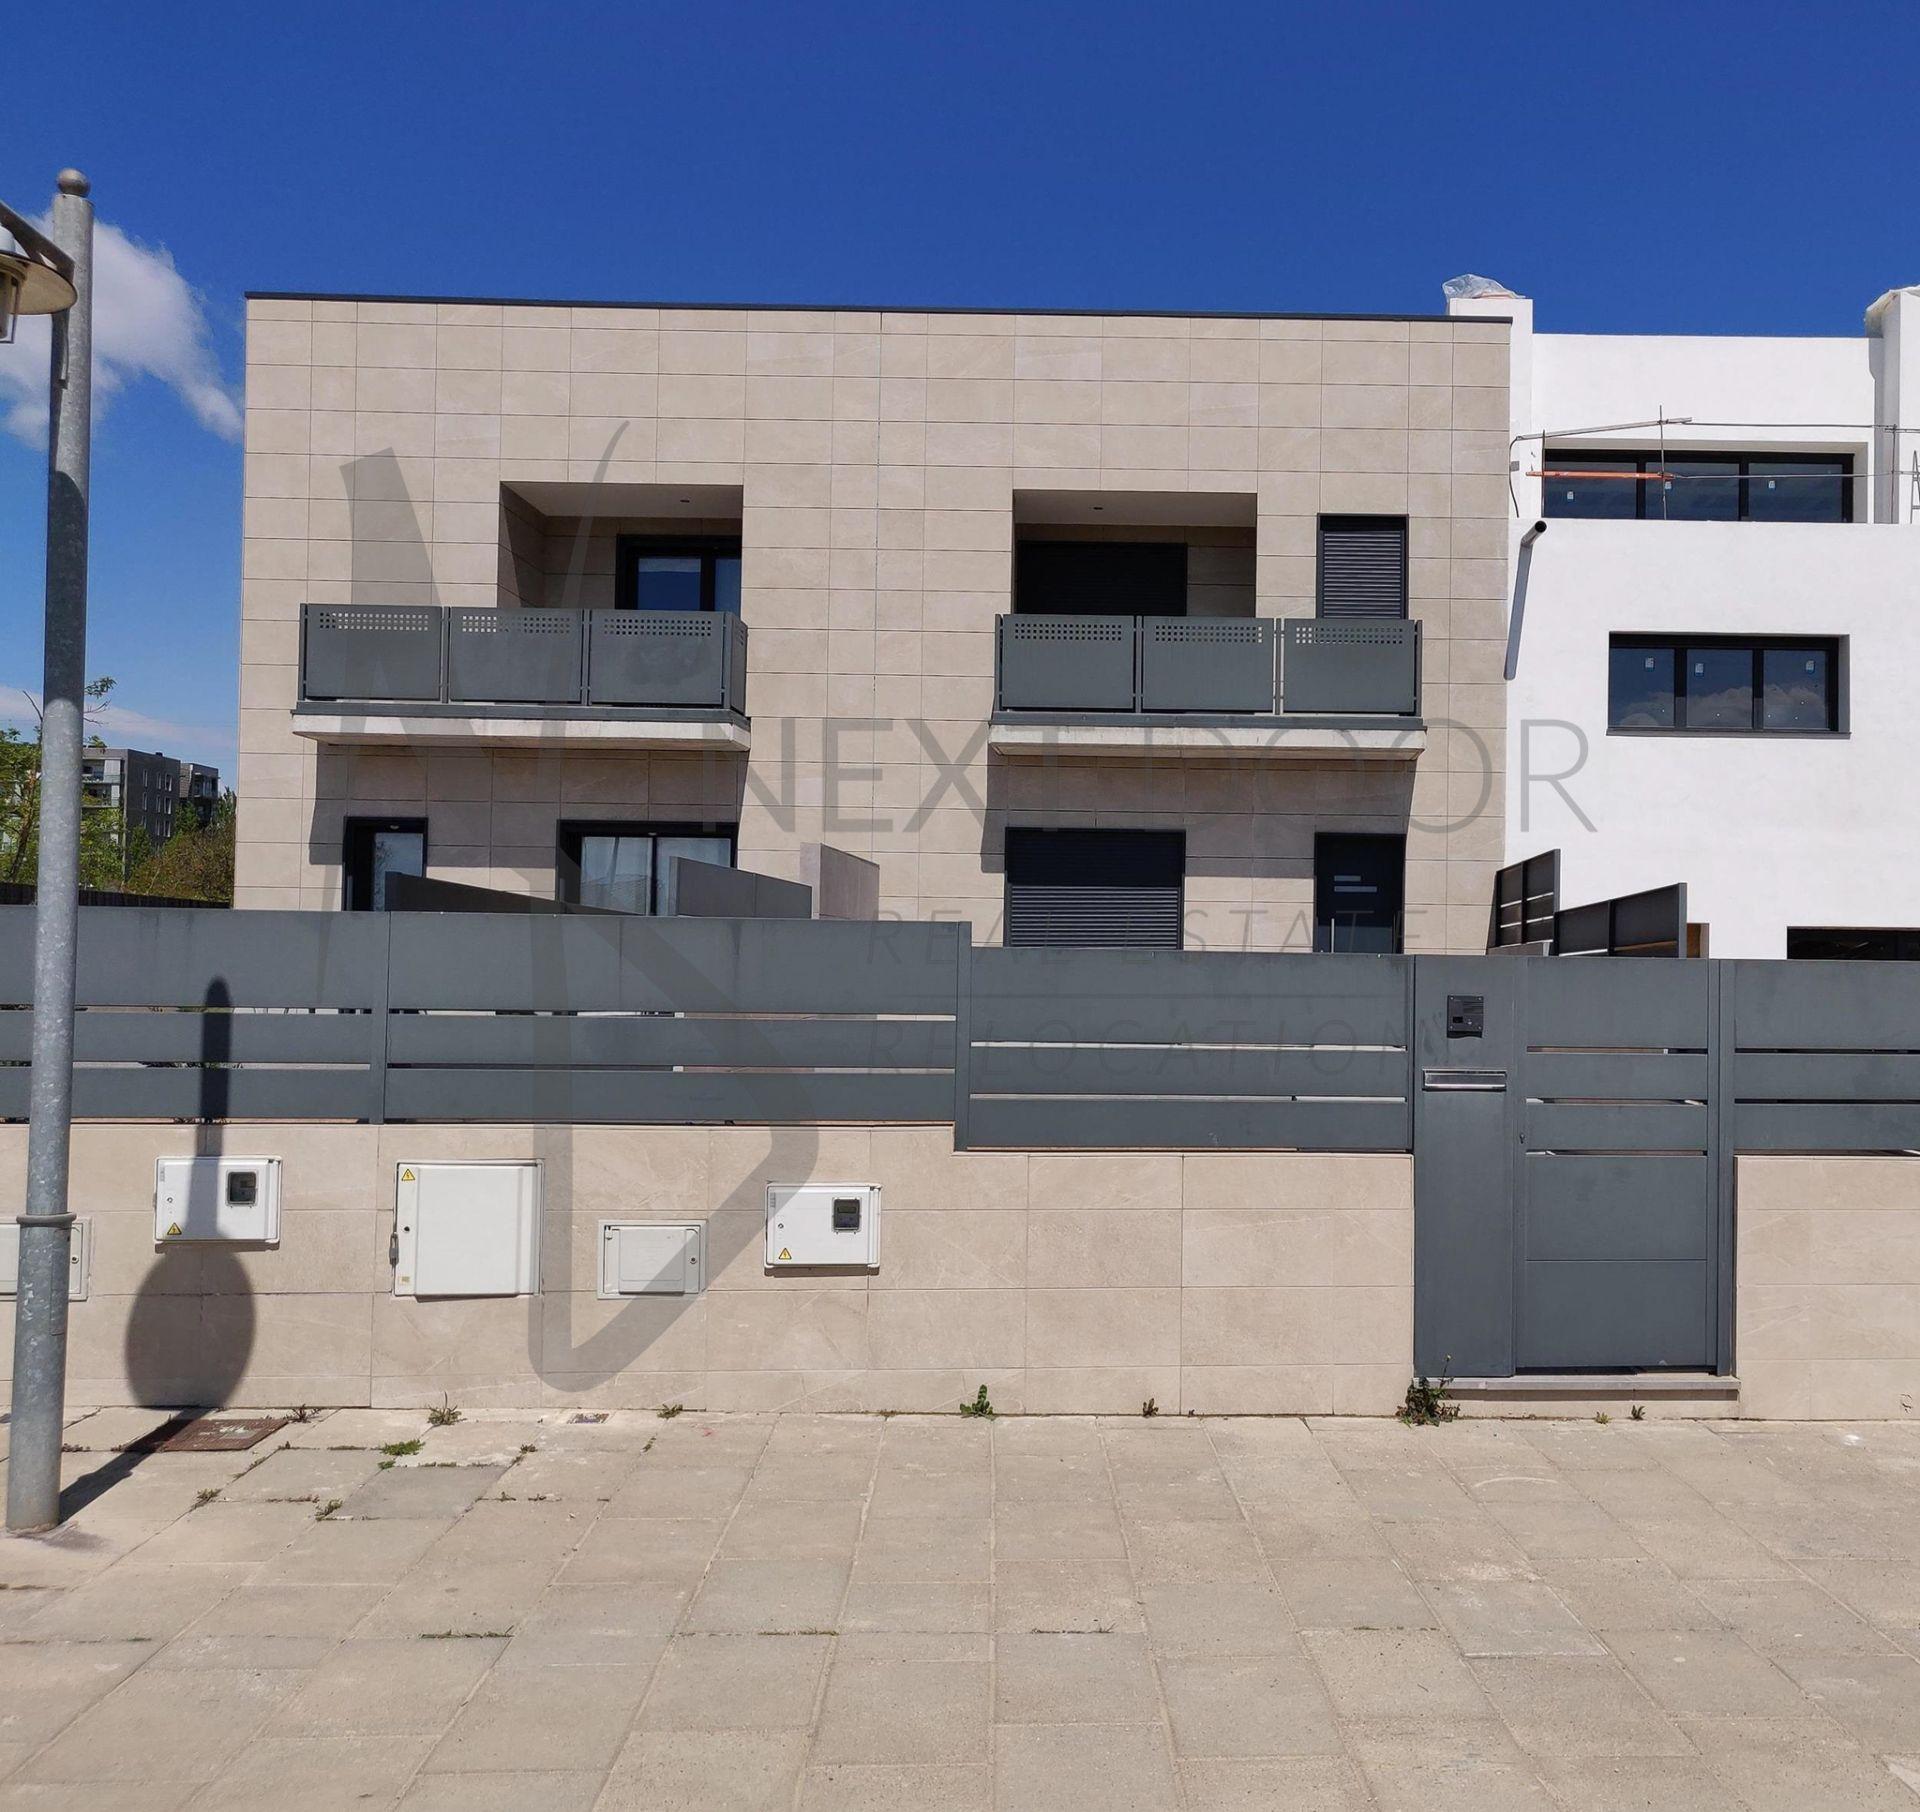 Casa adosada en Vic, El Sucre - Universitat, venta